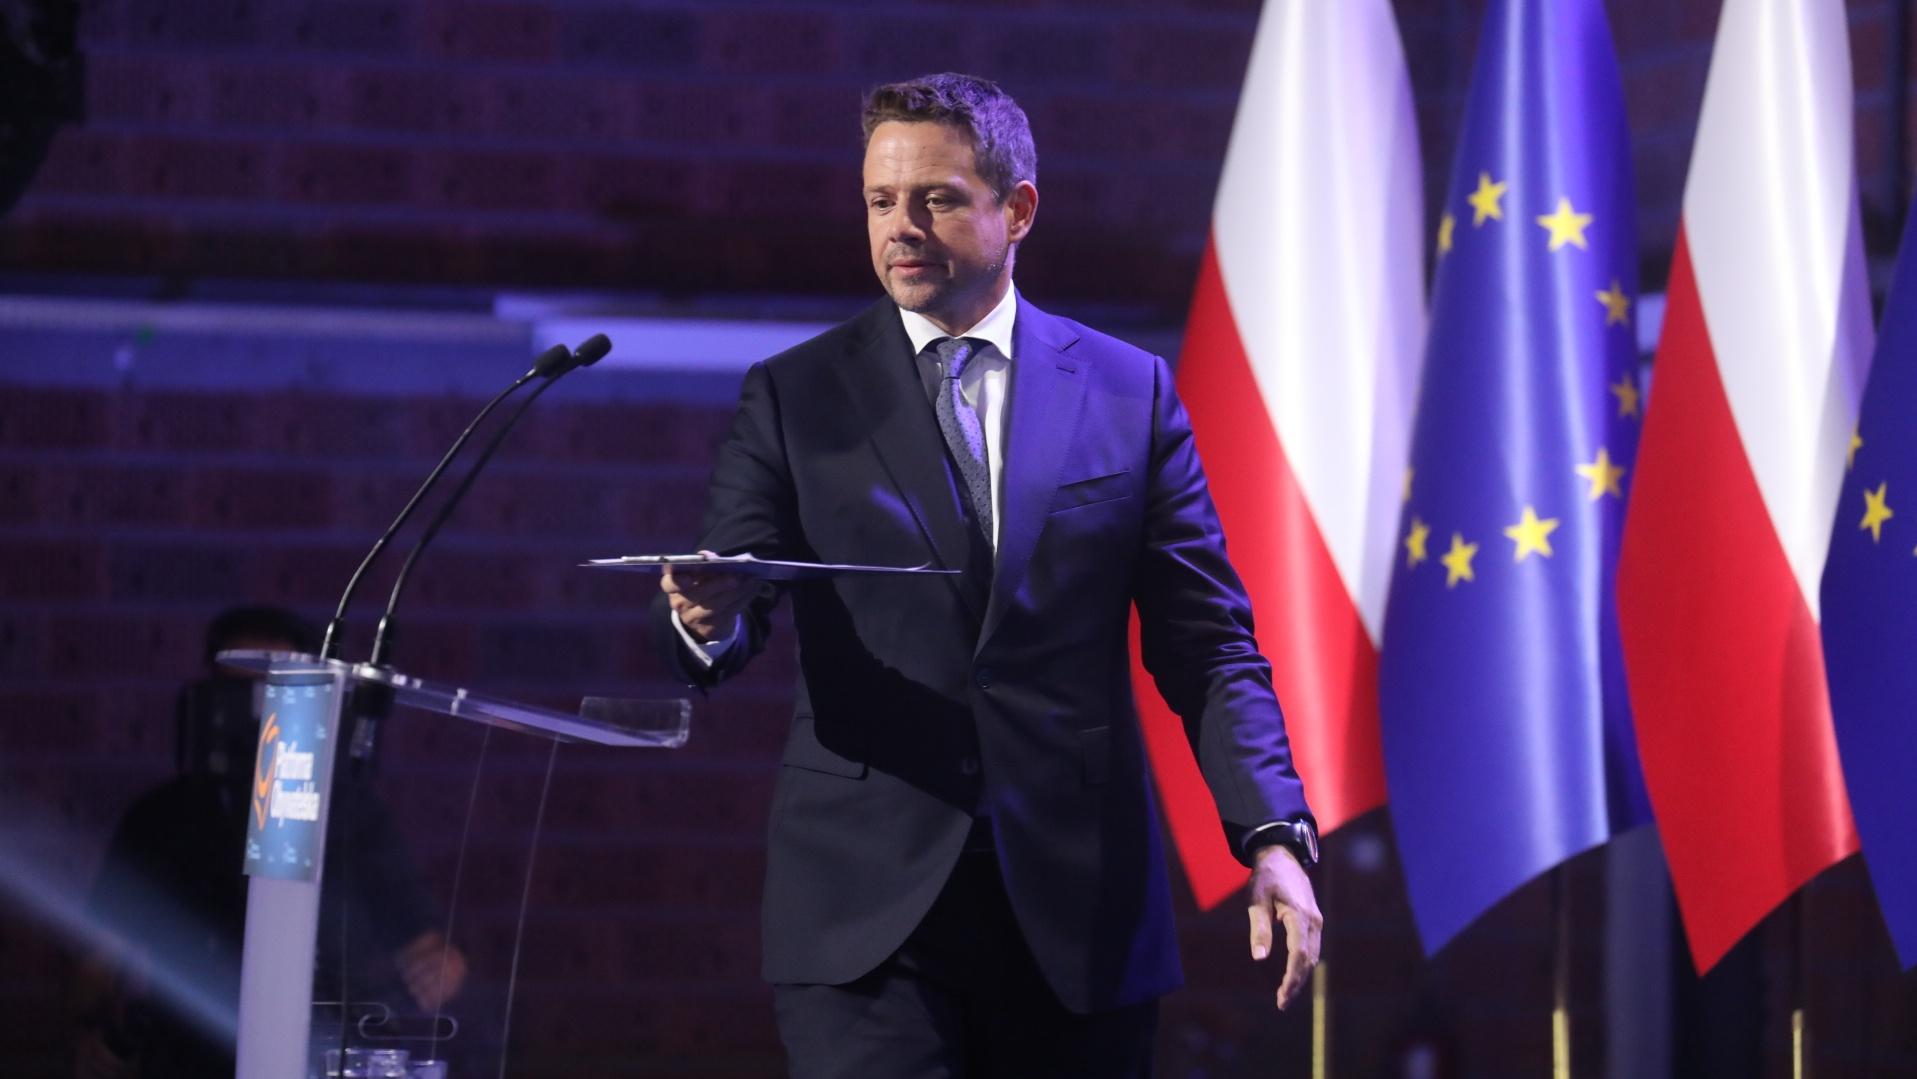 Stowarzyszenie Bąkiewicza zostanie zdelegalizowane? Trzaskowski zwrócił się do prokuratury